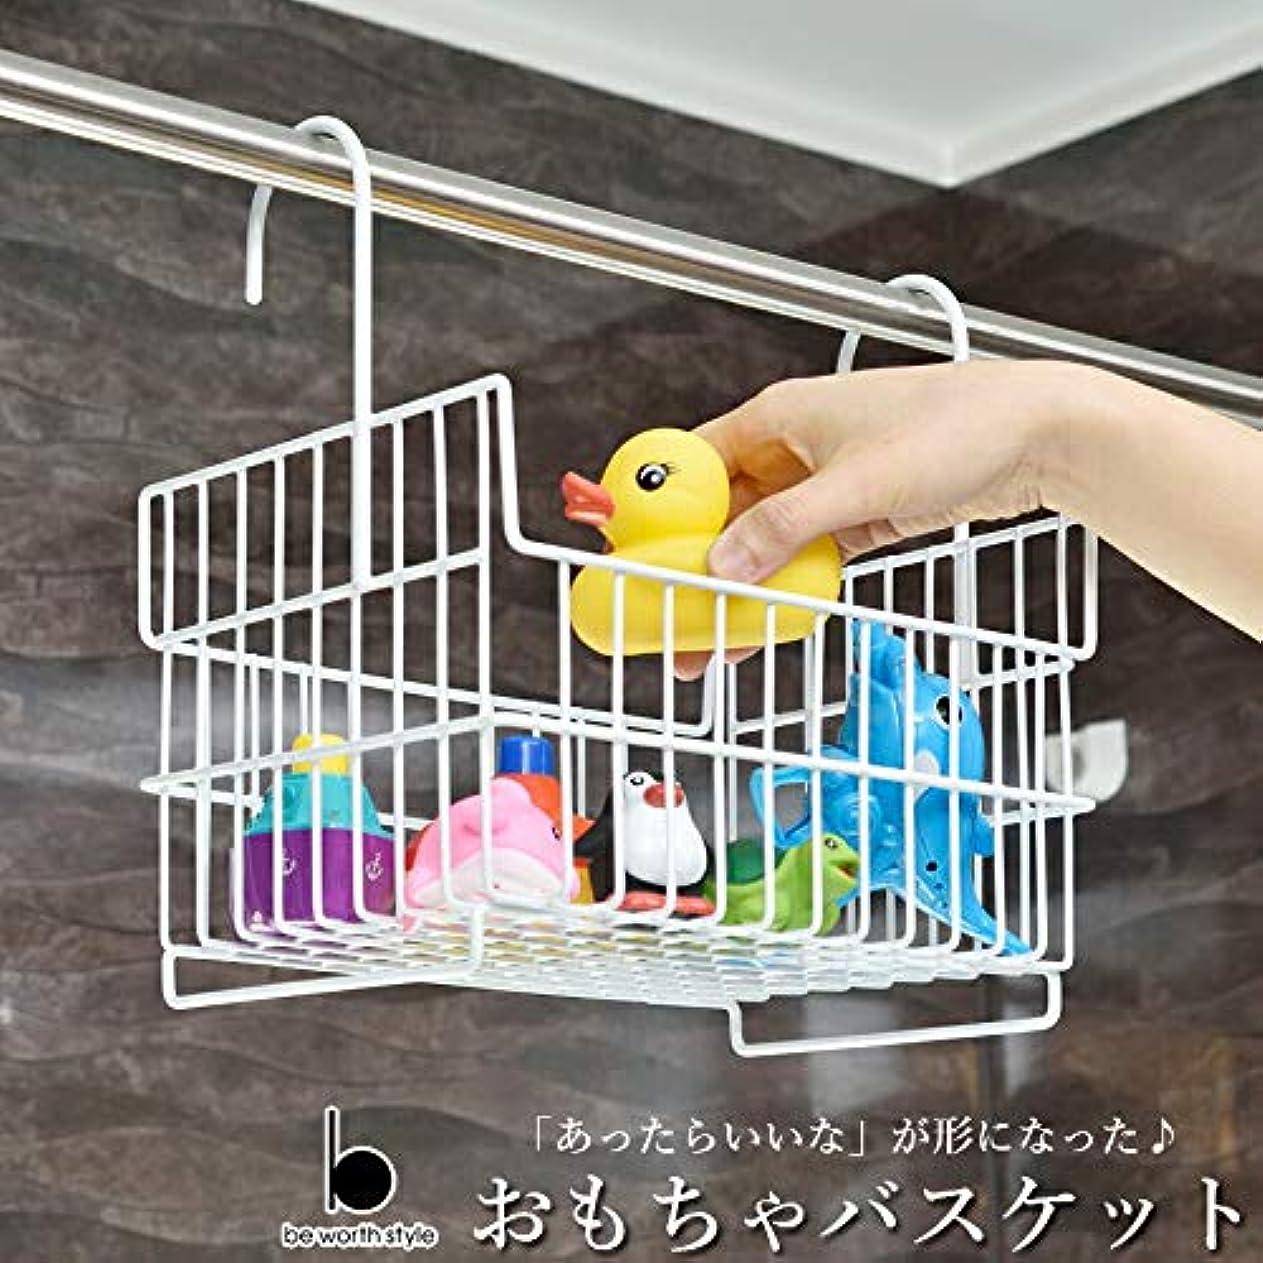 あなたが良くなりますぬれた並外れてLXD お風呂用 おもちゃ バスケット ホワイト 高さ27cm 幅25.5cm 奥行19cm